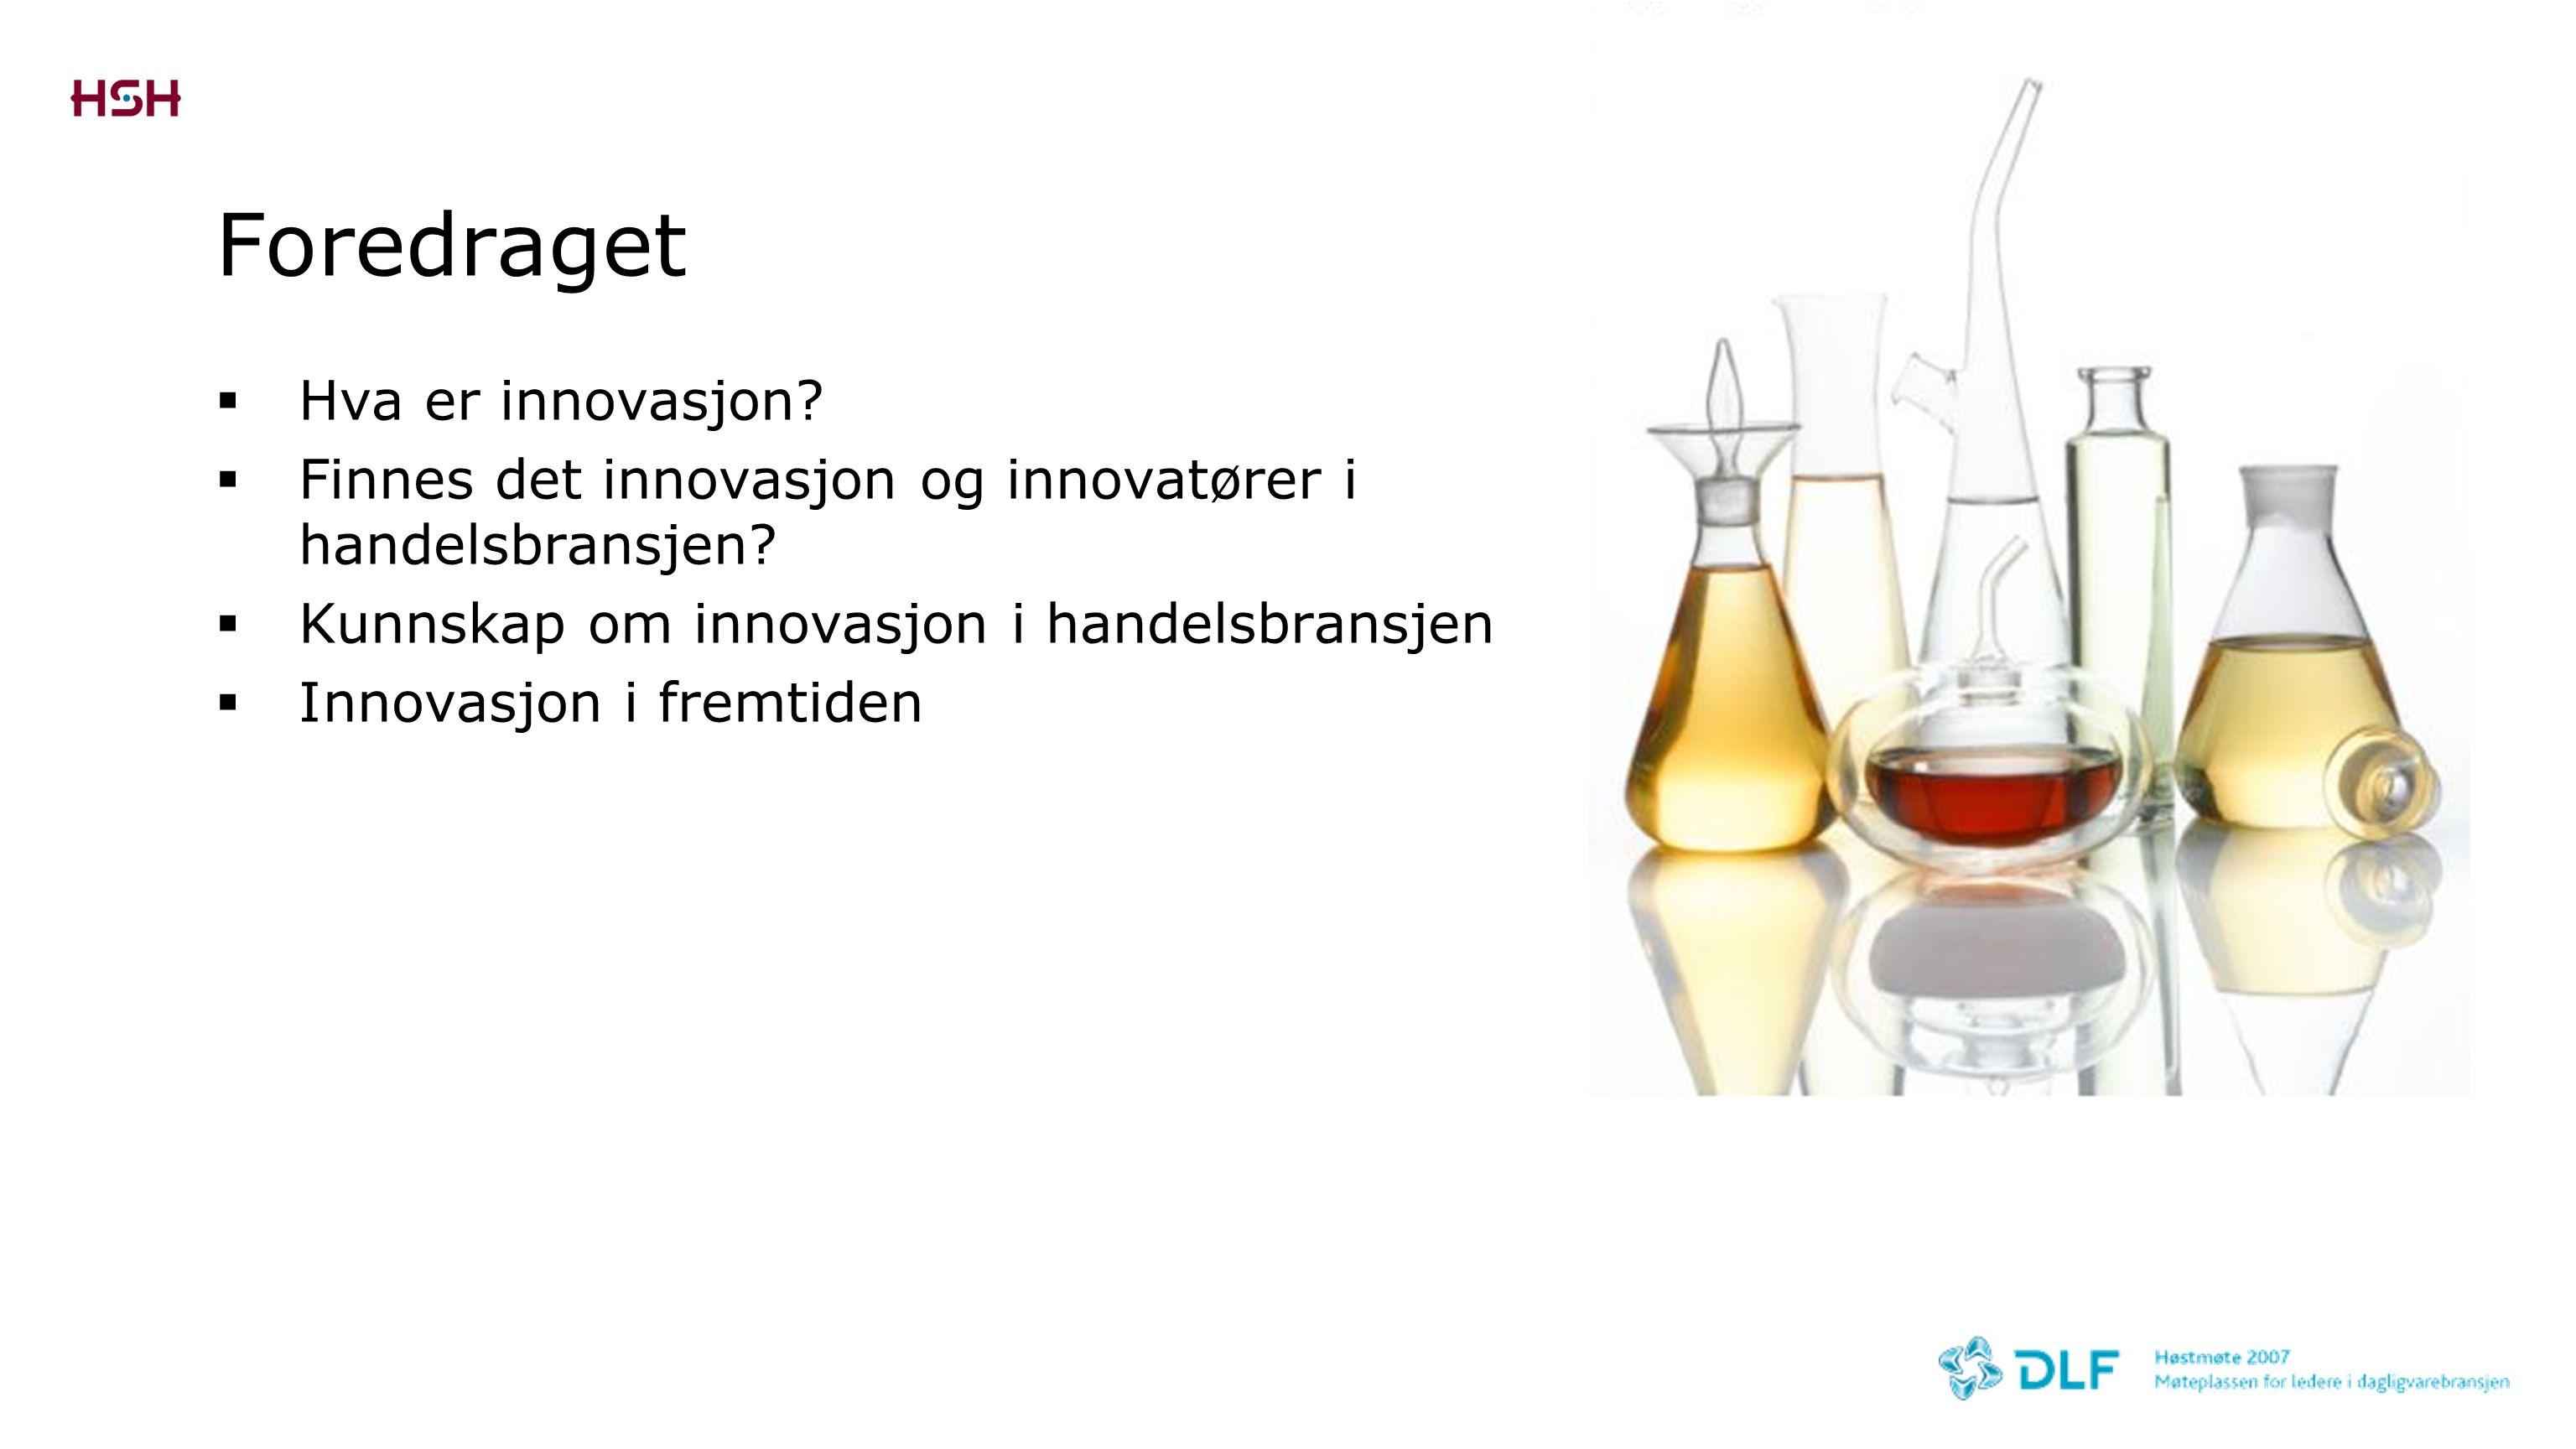 Foredraget Hva er innovasjon